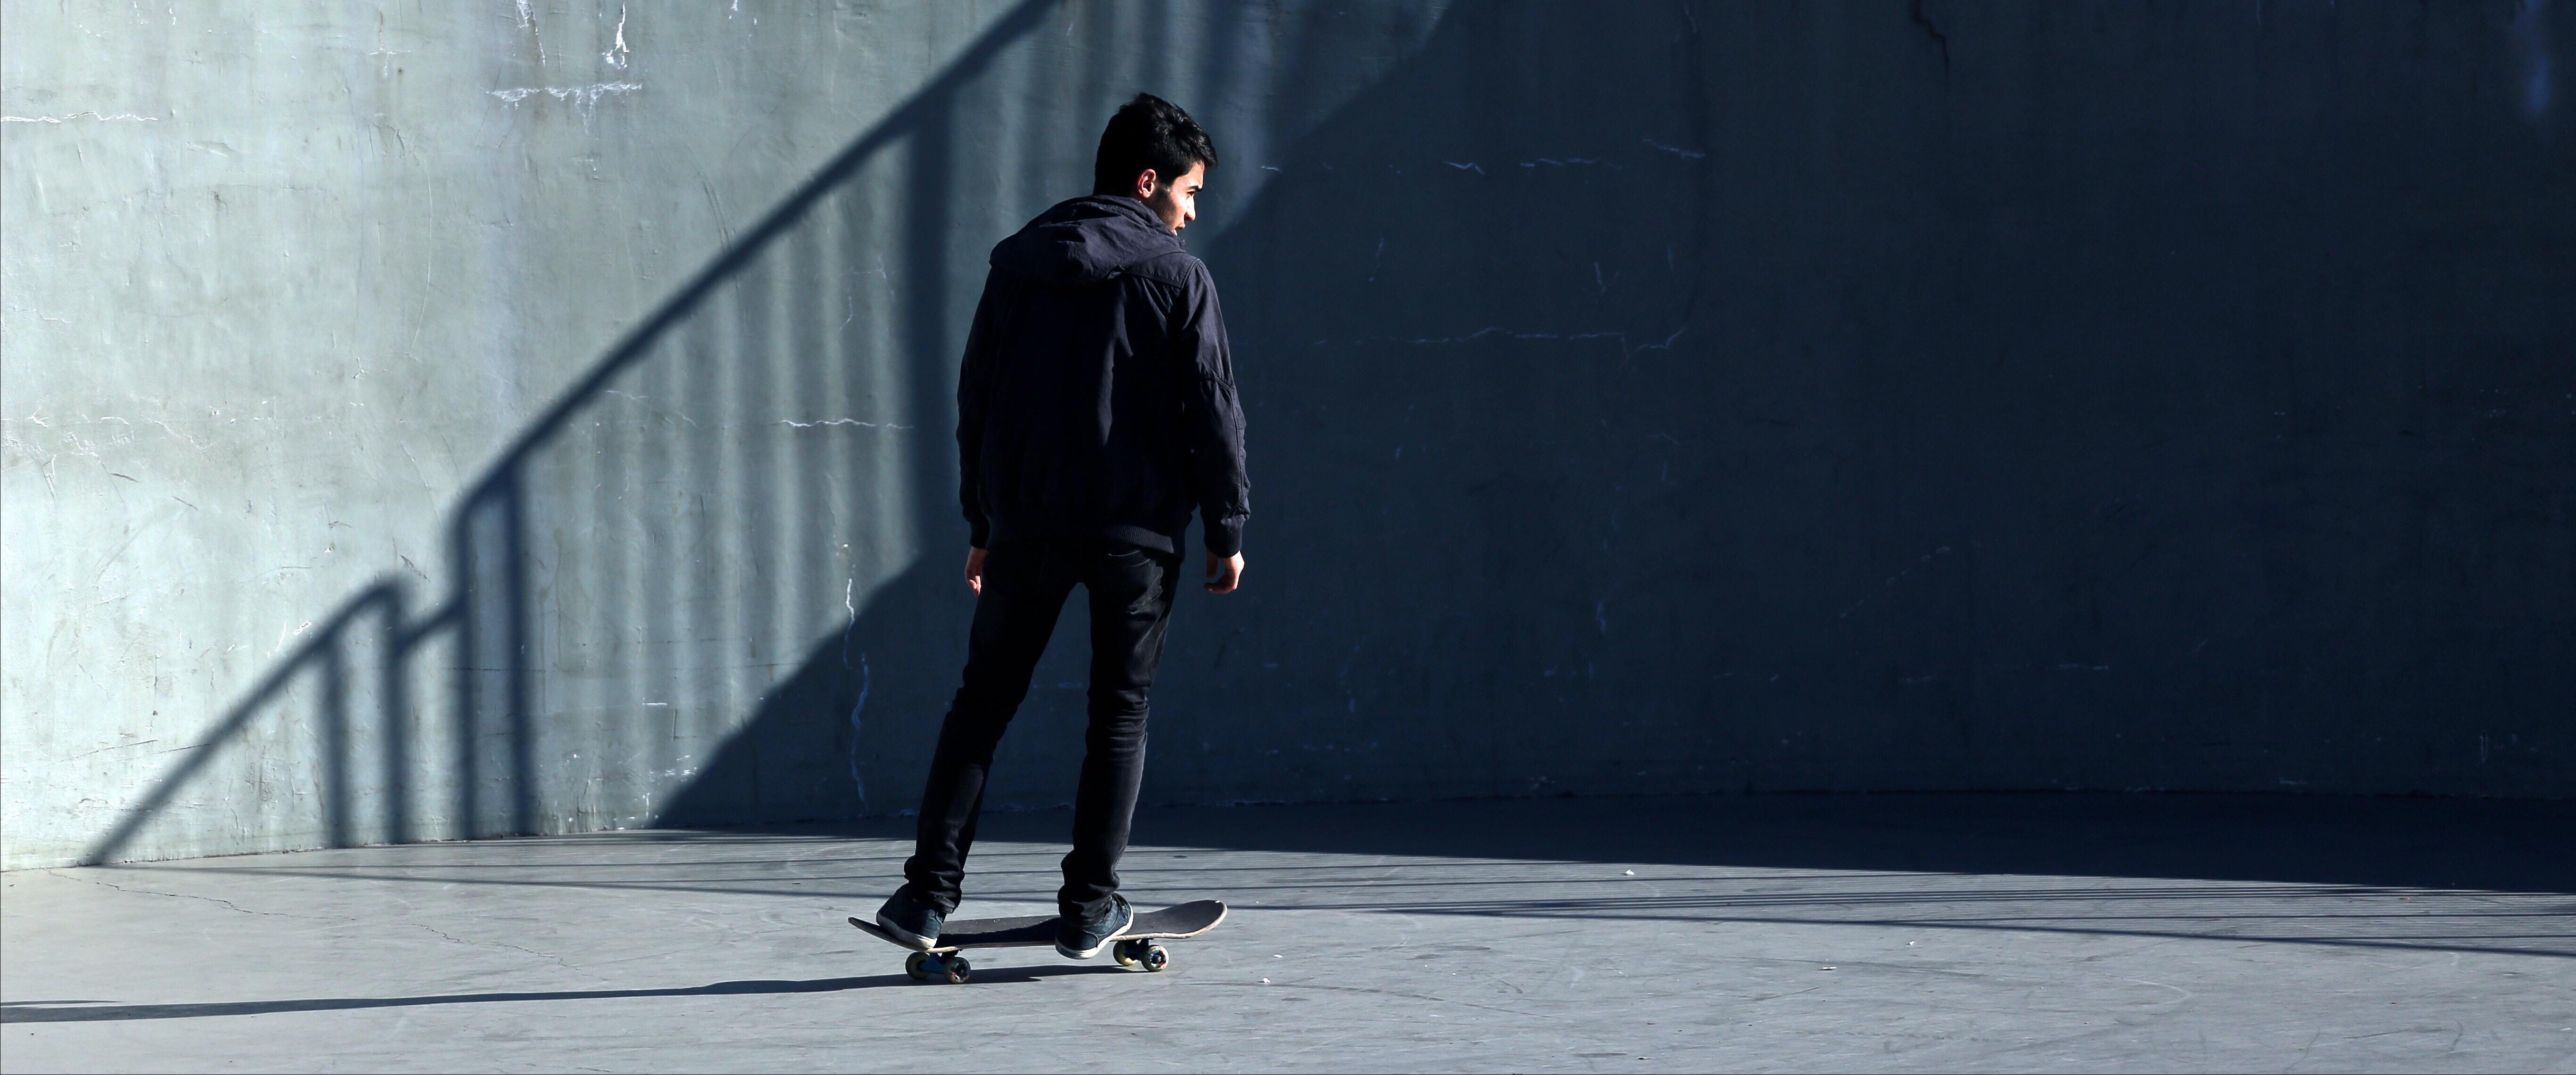 man skating at park